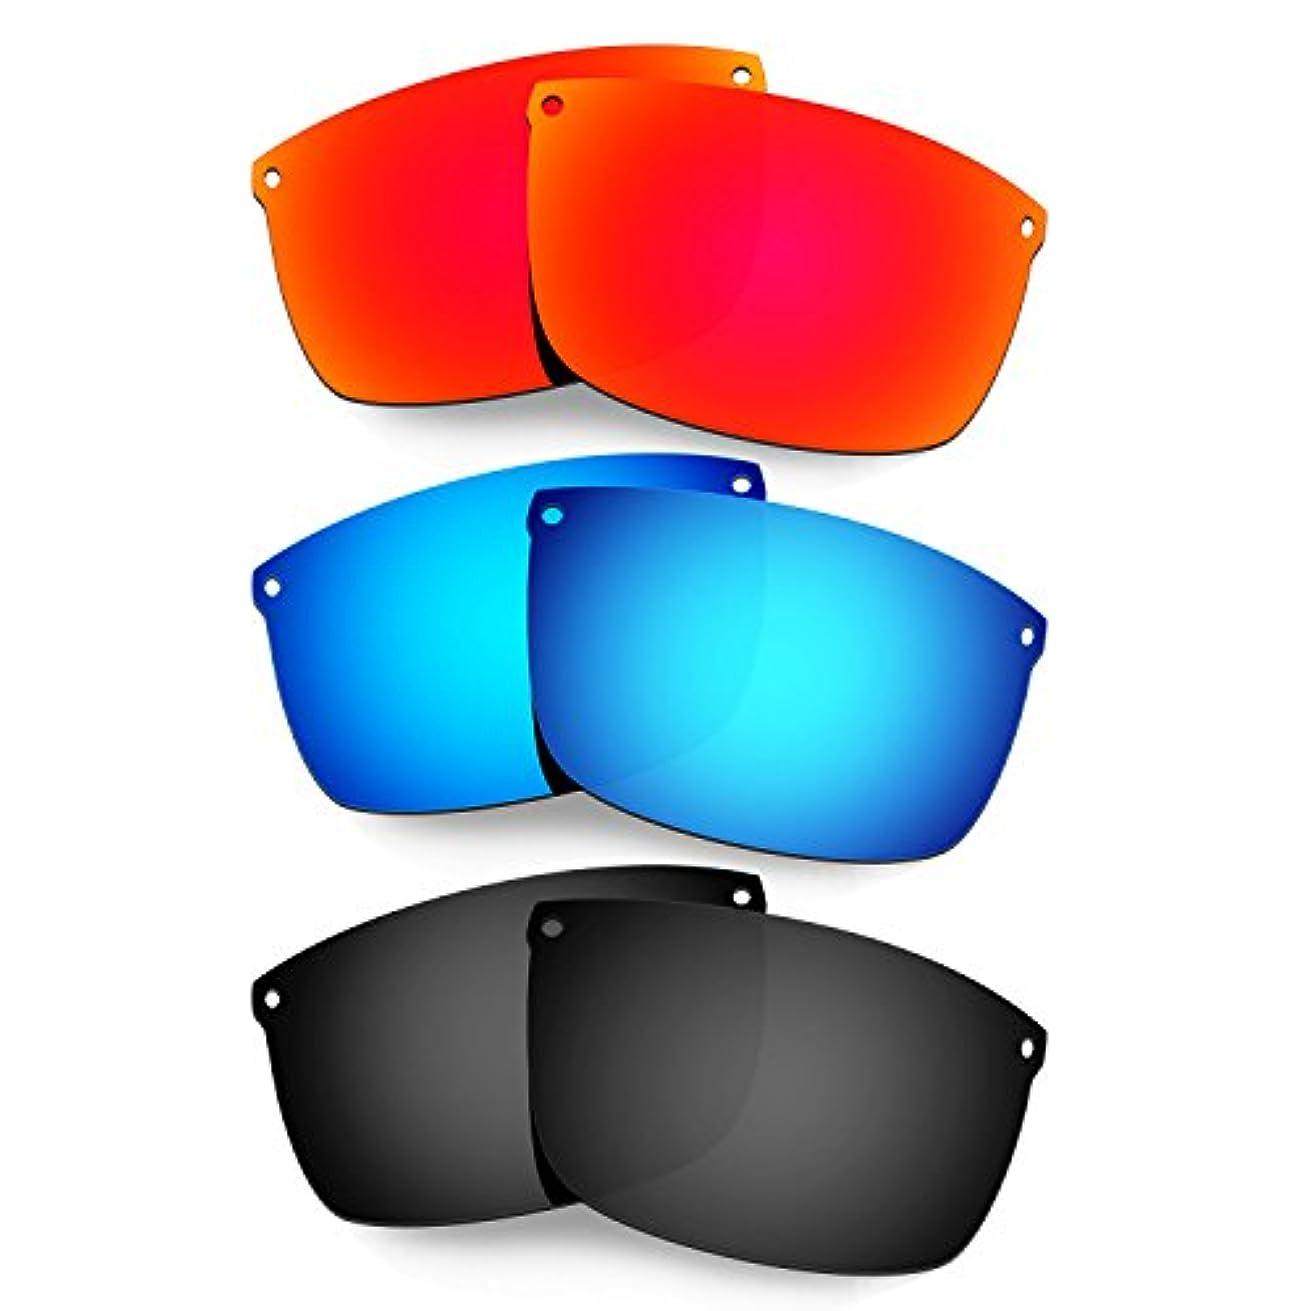 わずらわしい寛大な麻痺Hkuco Plus 交換用レンズ For Oakley Carbon Blade - 3 pair